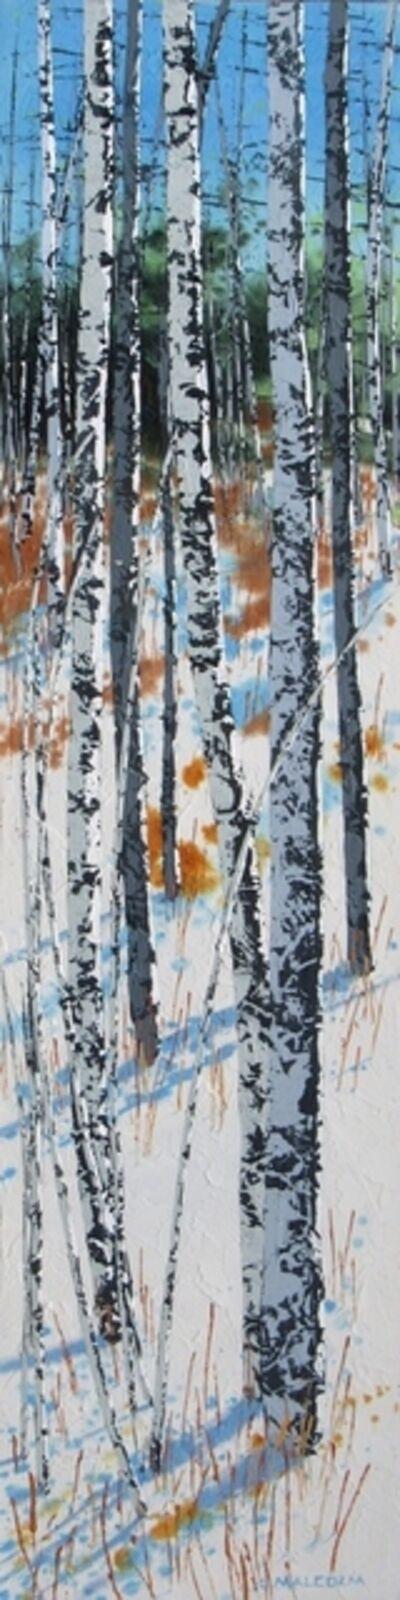 Carole Malcolm, 'Treescape 01619', 2019